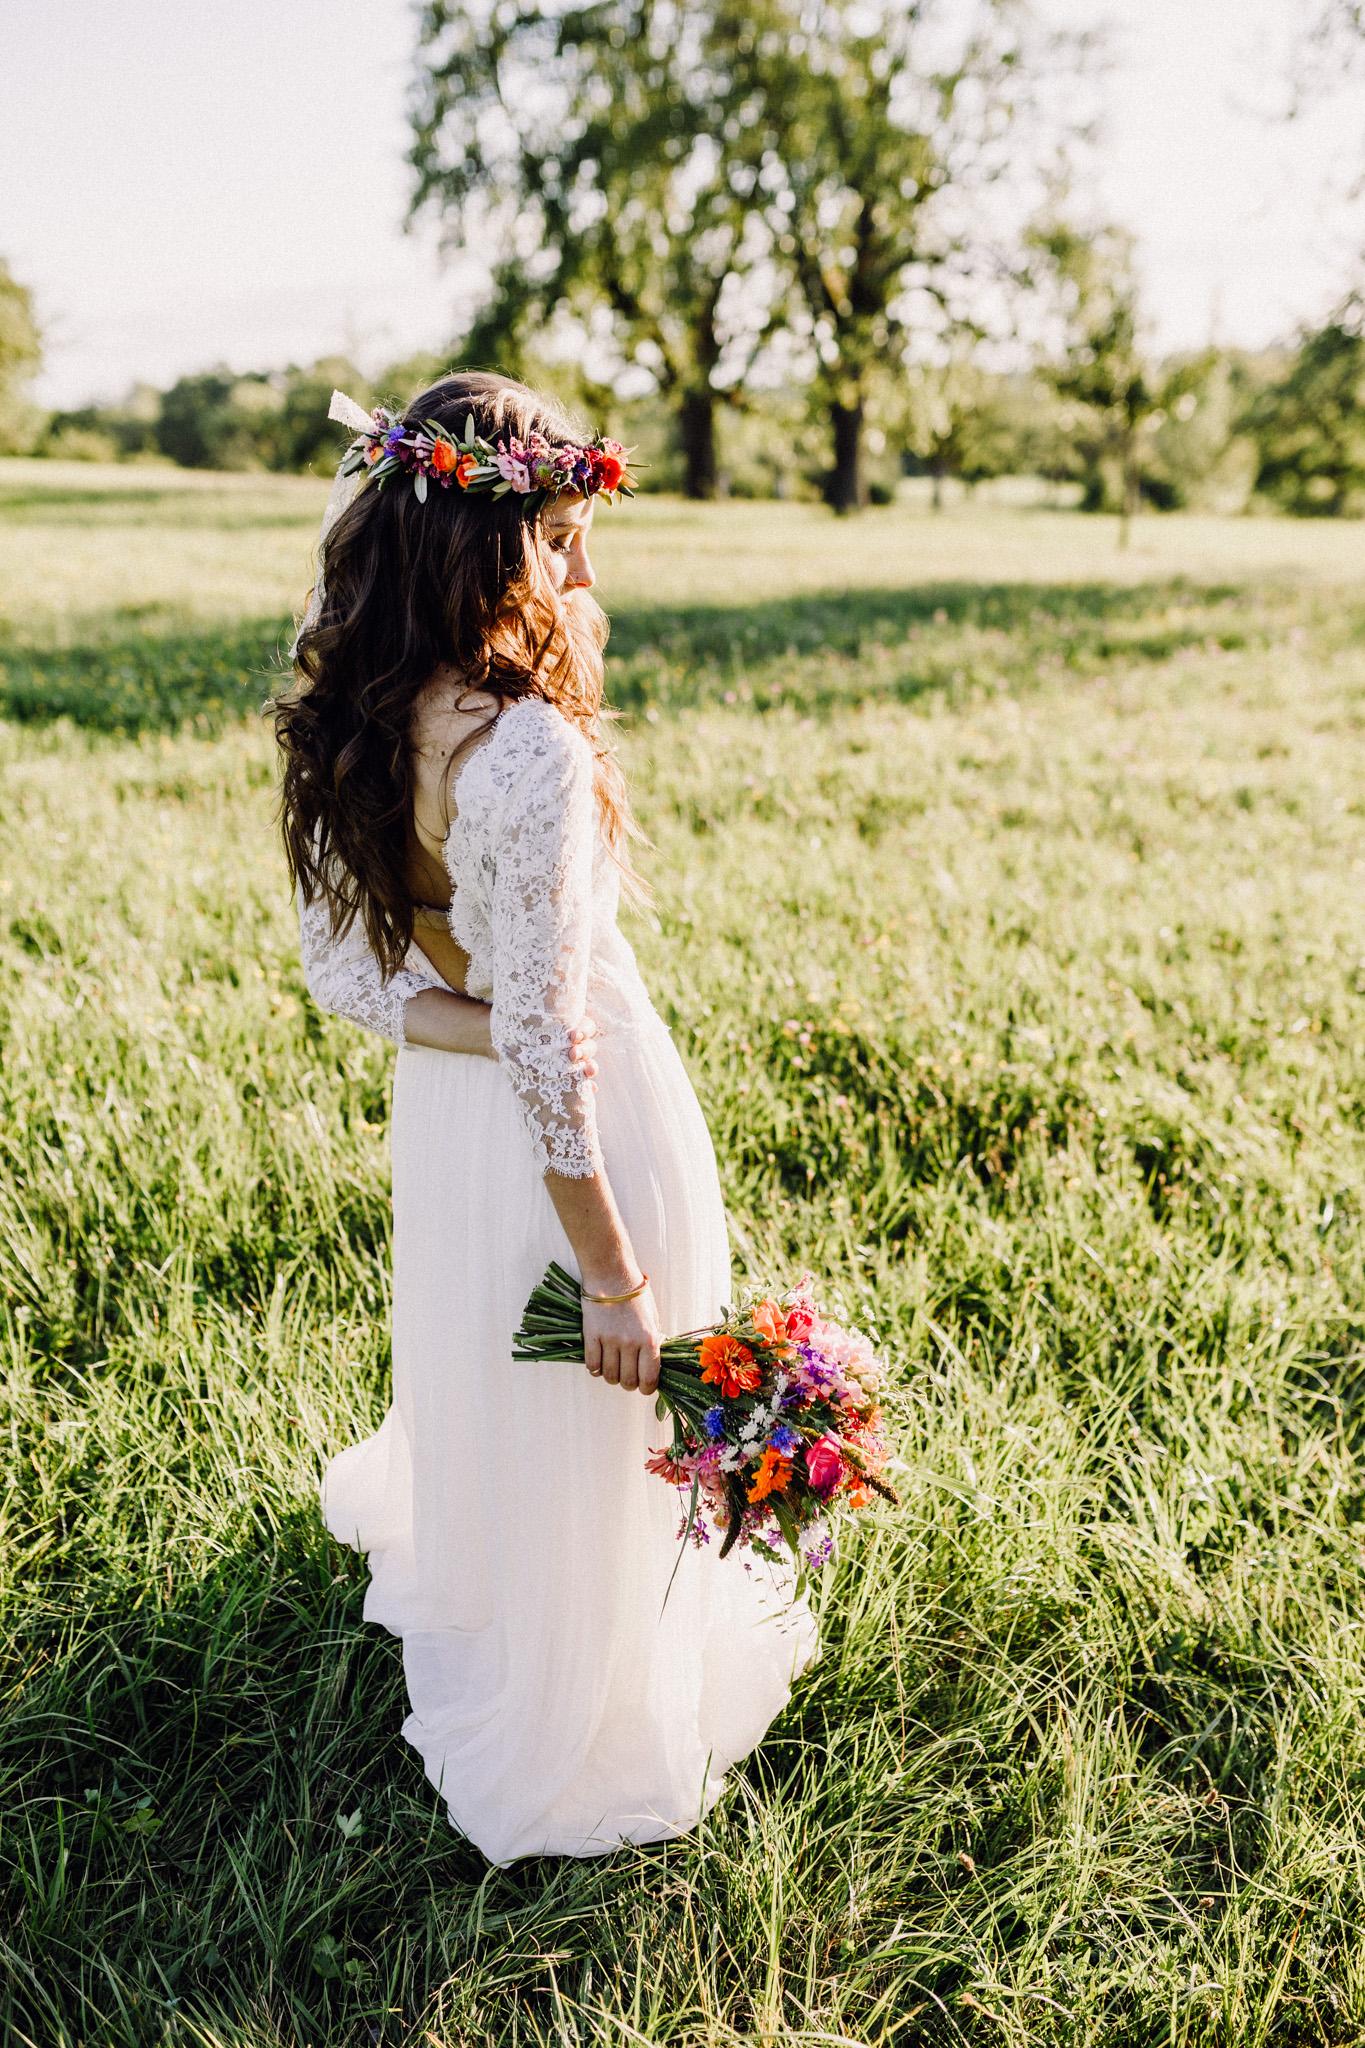 Hippie_Boho_Wedding_Hochzeit_Hochzeitsfotograf_Stuttgart_me_him_photography-klein-331